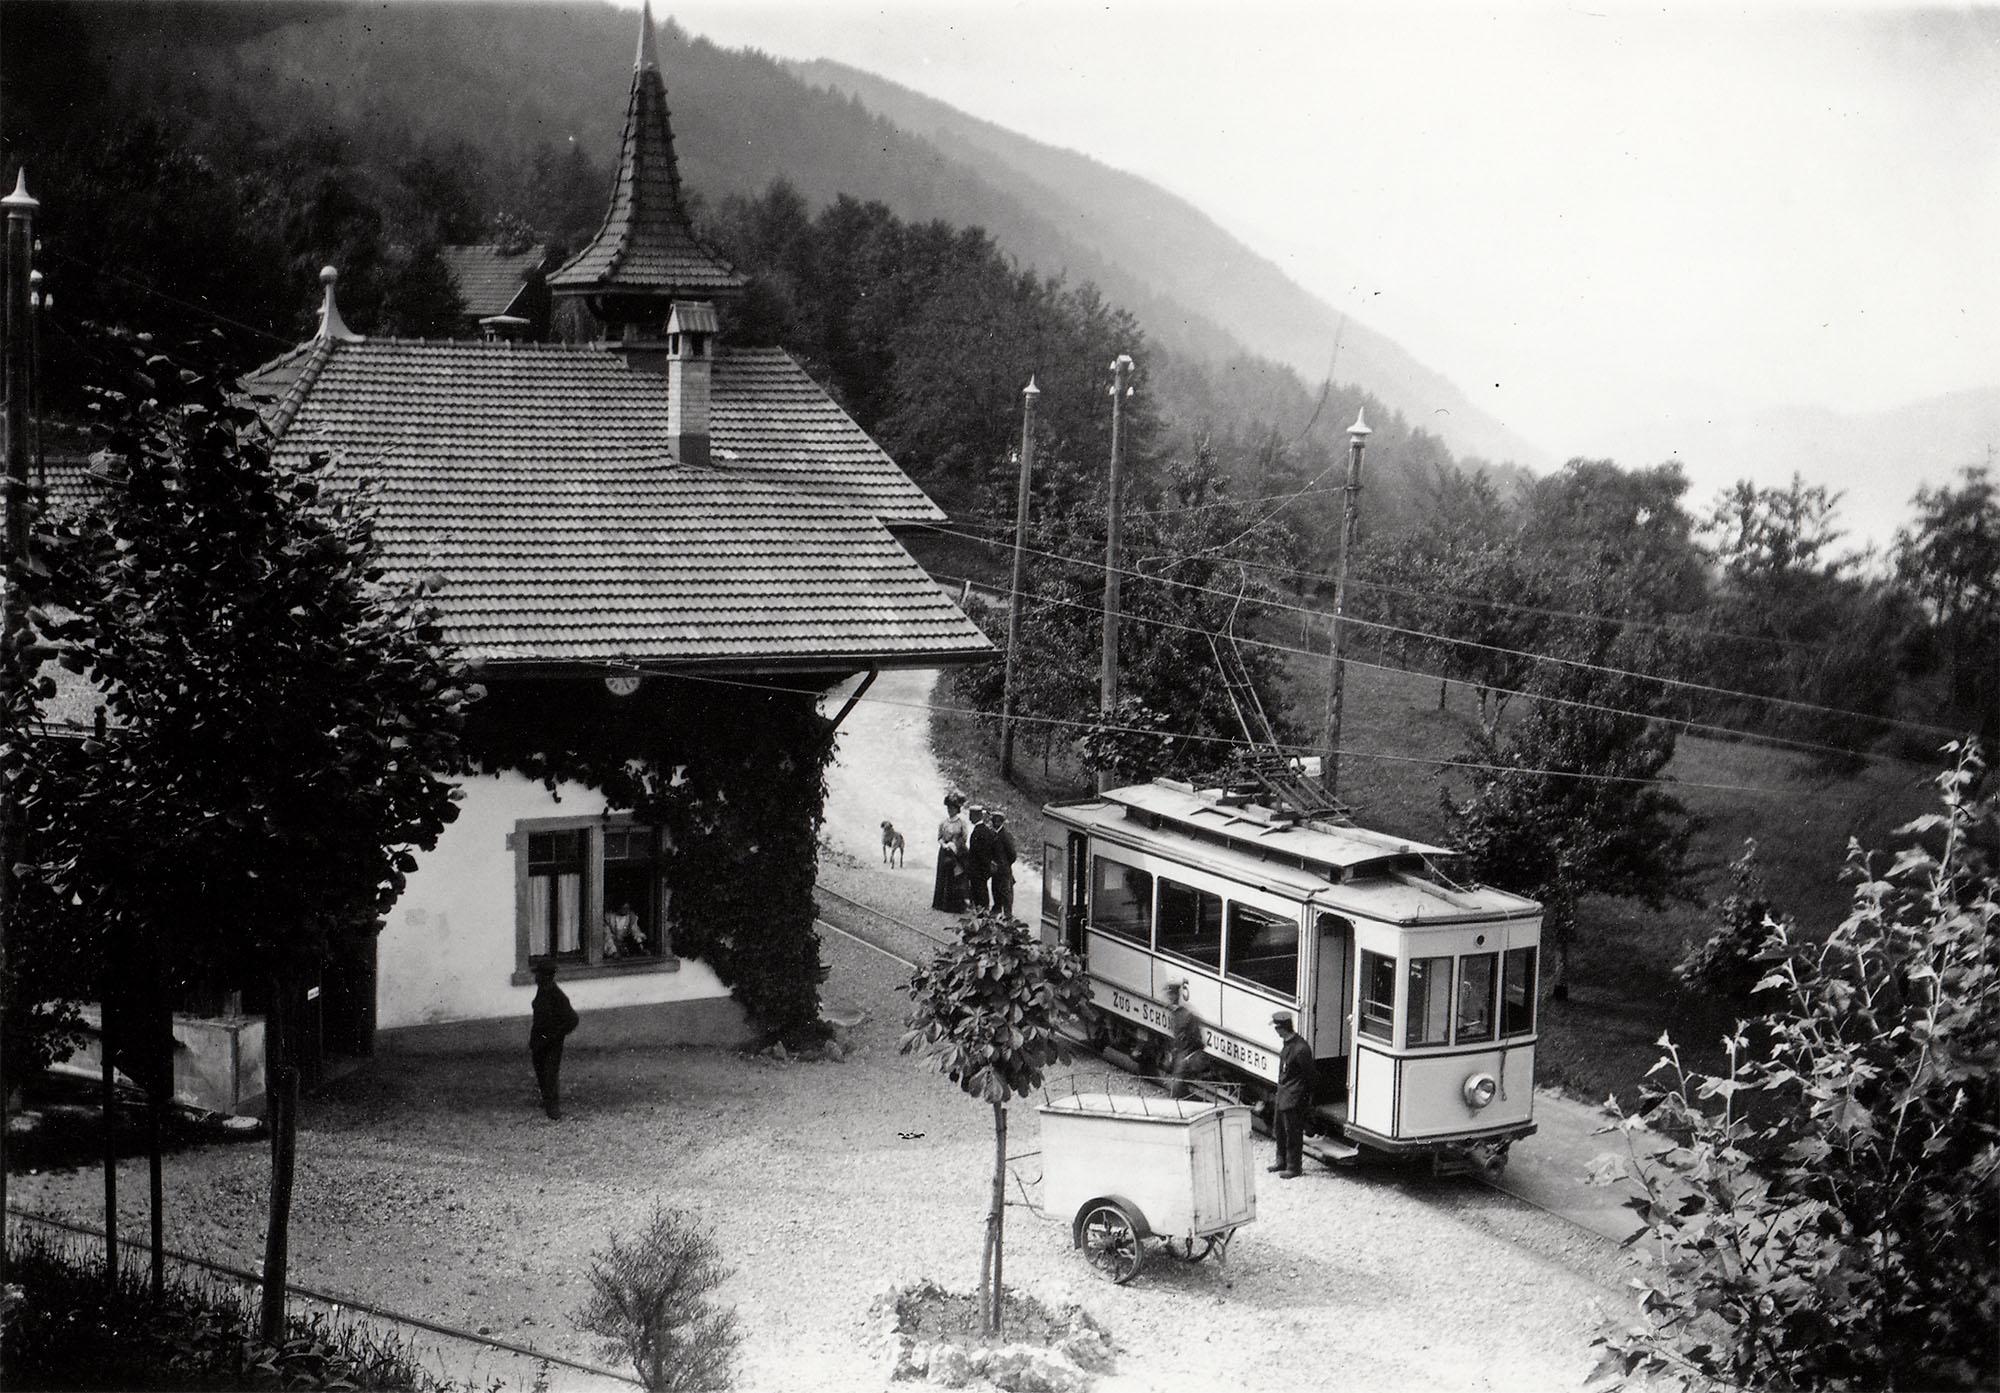 Station Schönegg